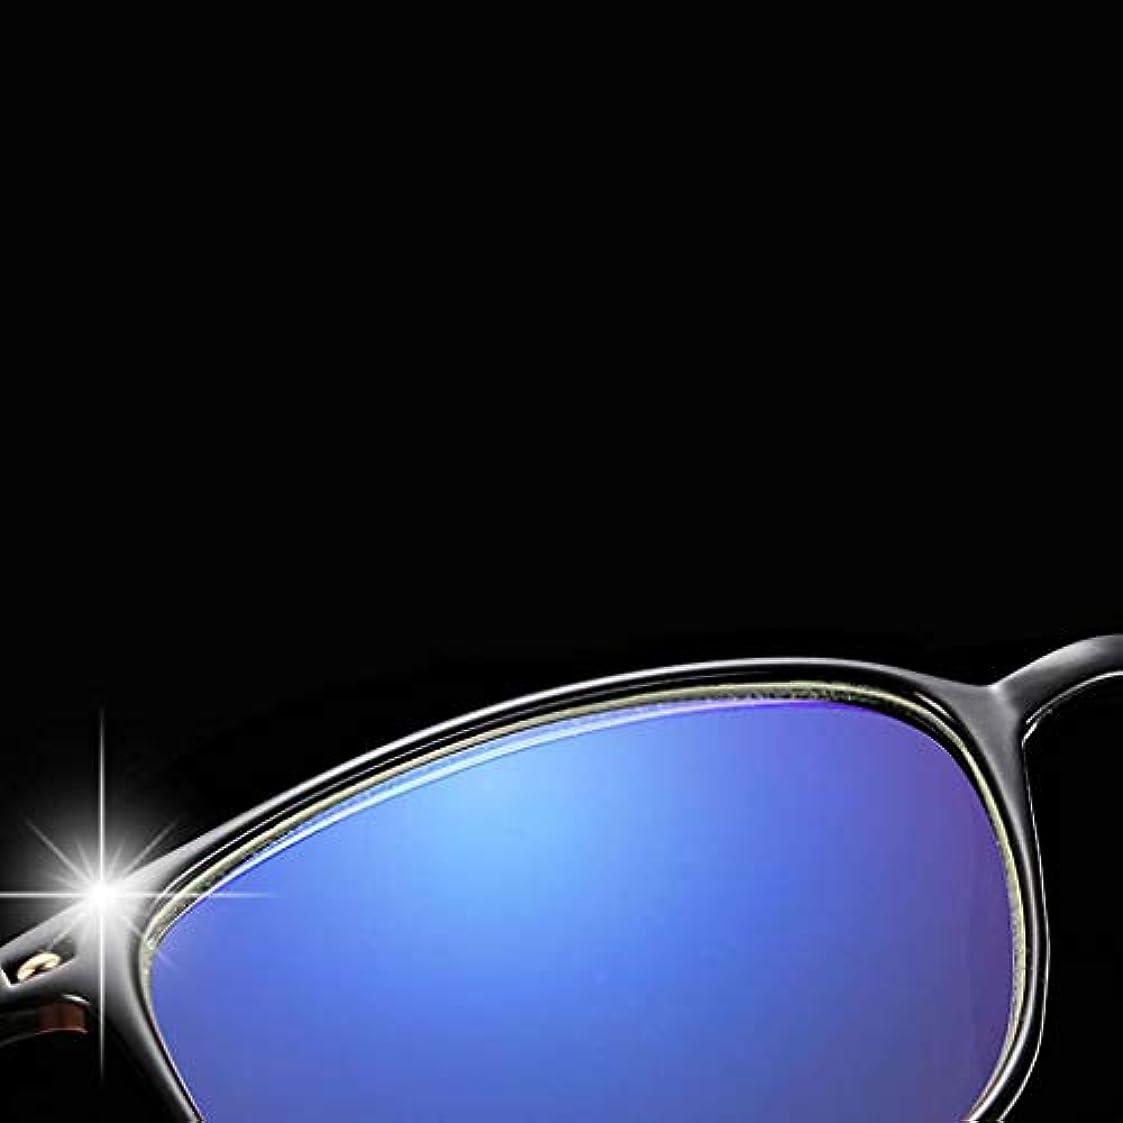 アンチ青ライト老眼鏡,男のための読者 抗疲労 PC レンズ ステンレス フレーム シンプルで快適 コンピューターの読者-黒 +4.0